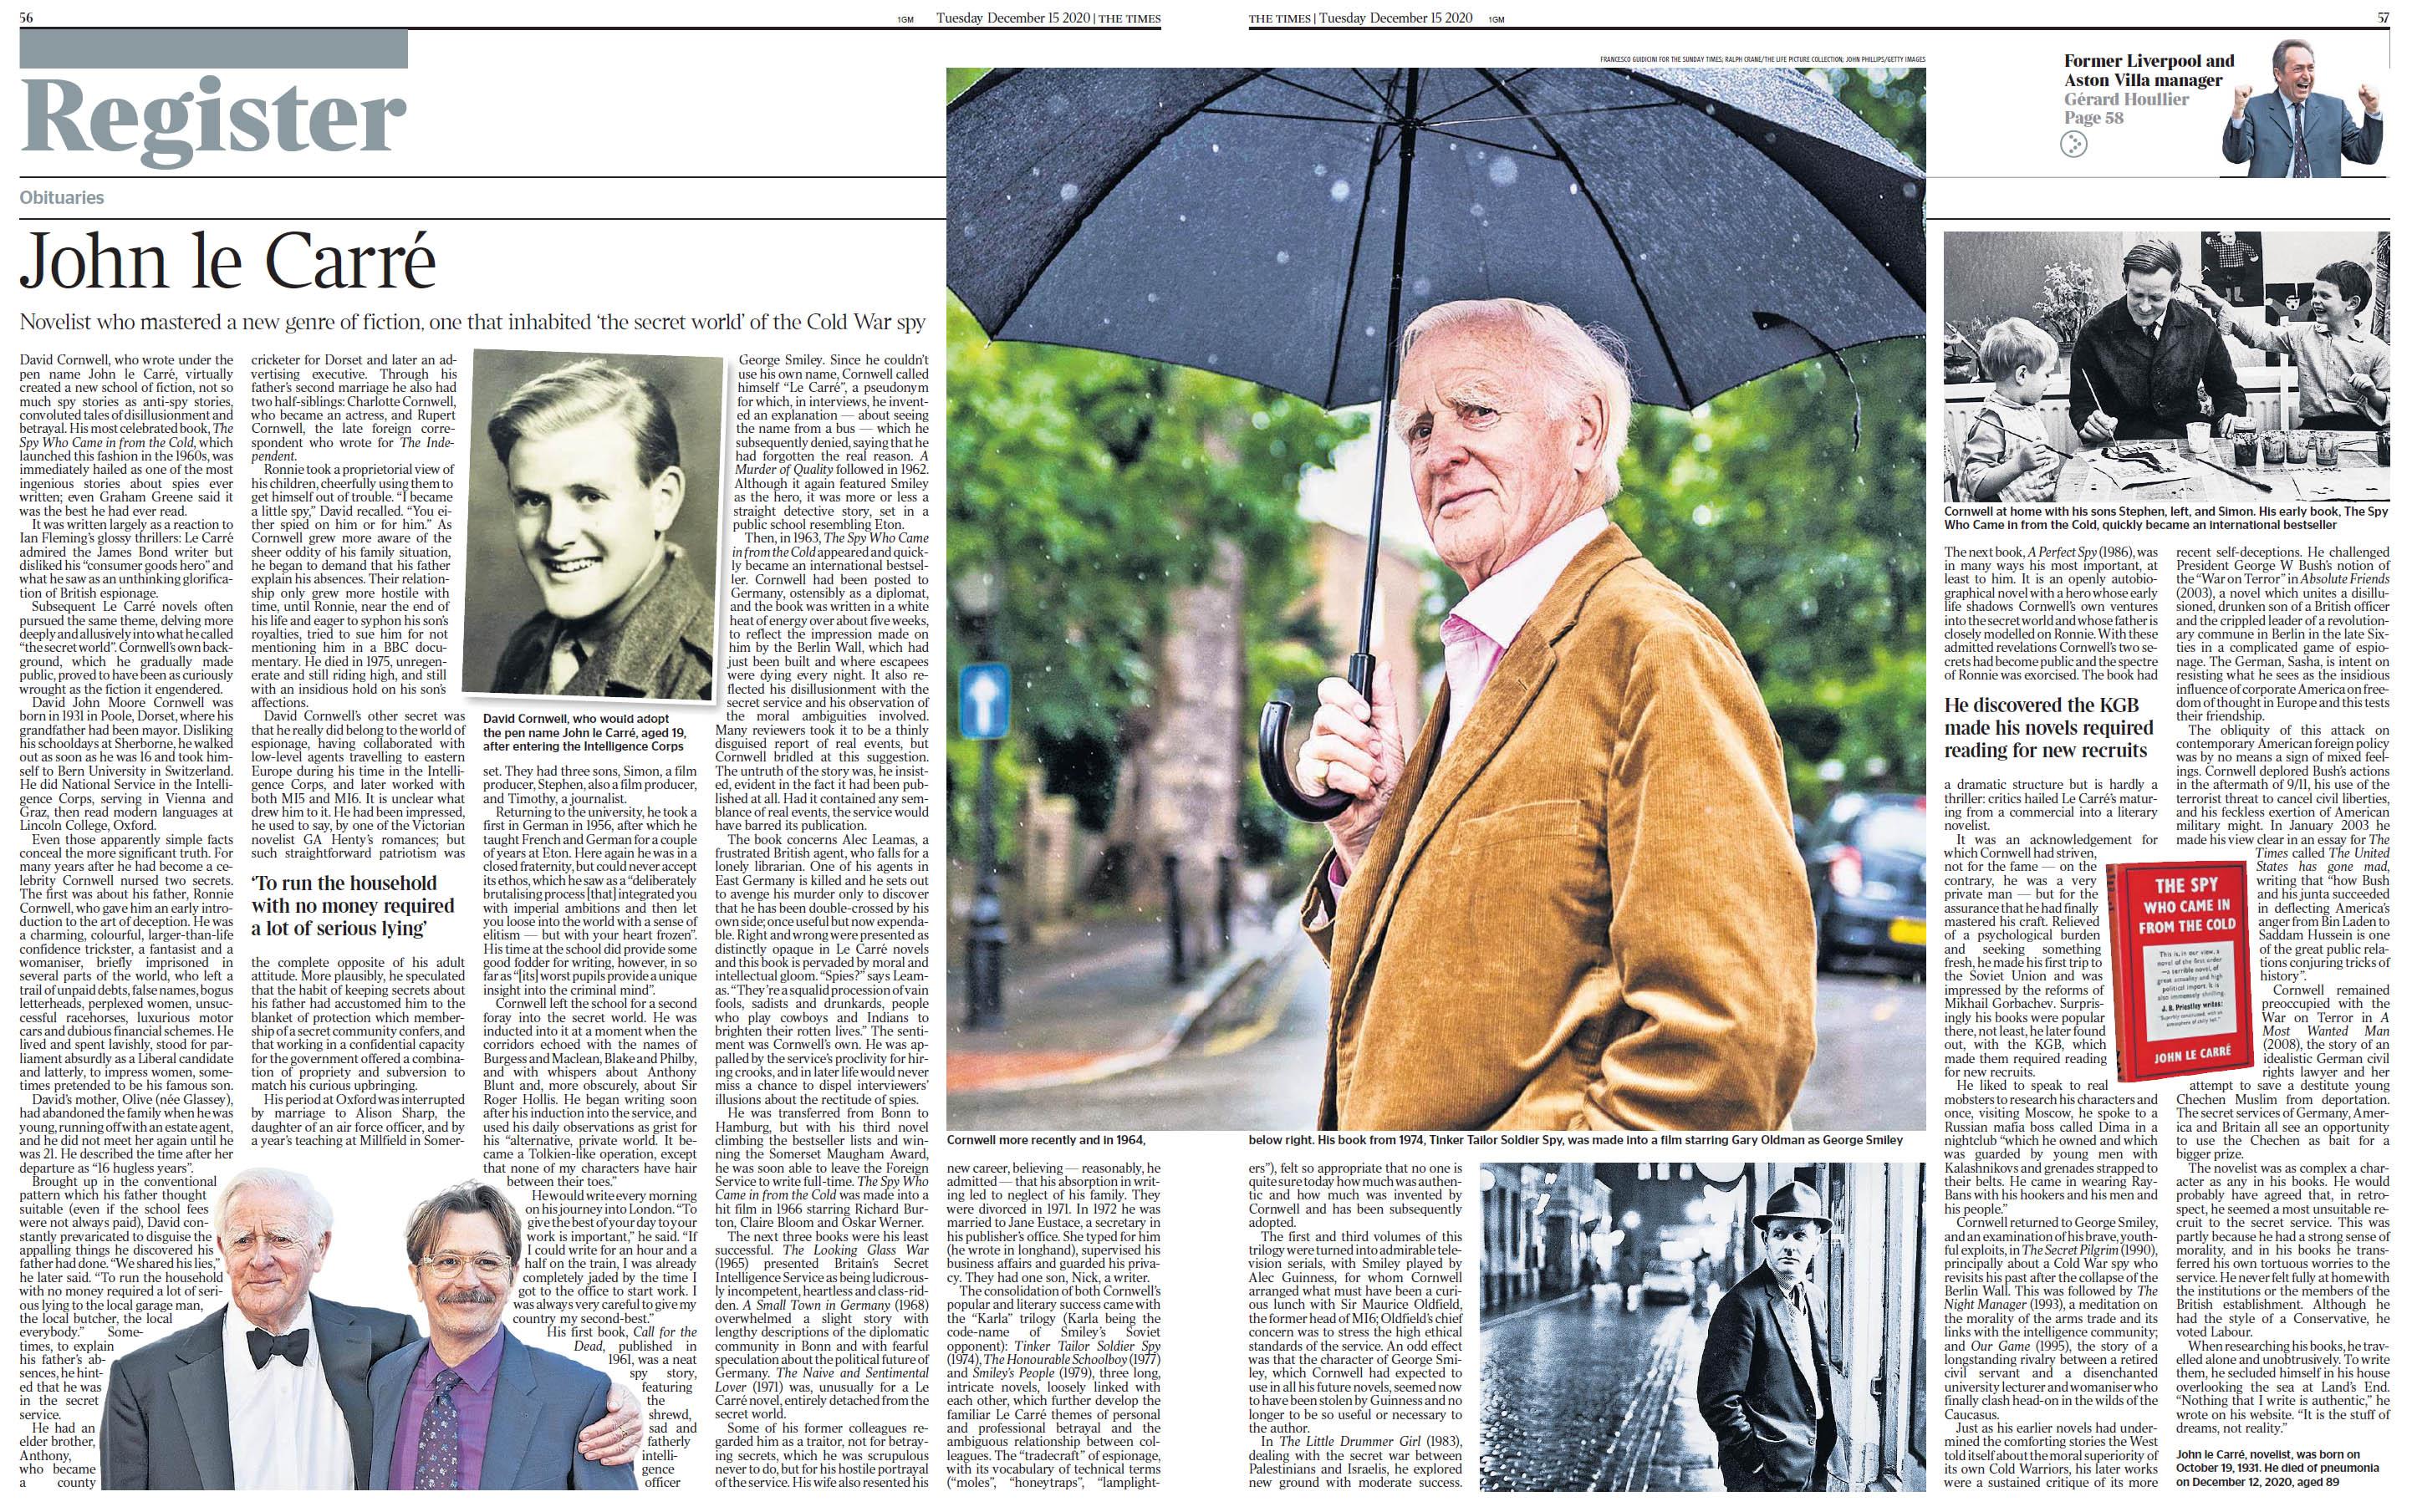 Times 201215 JLCarre.jpg